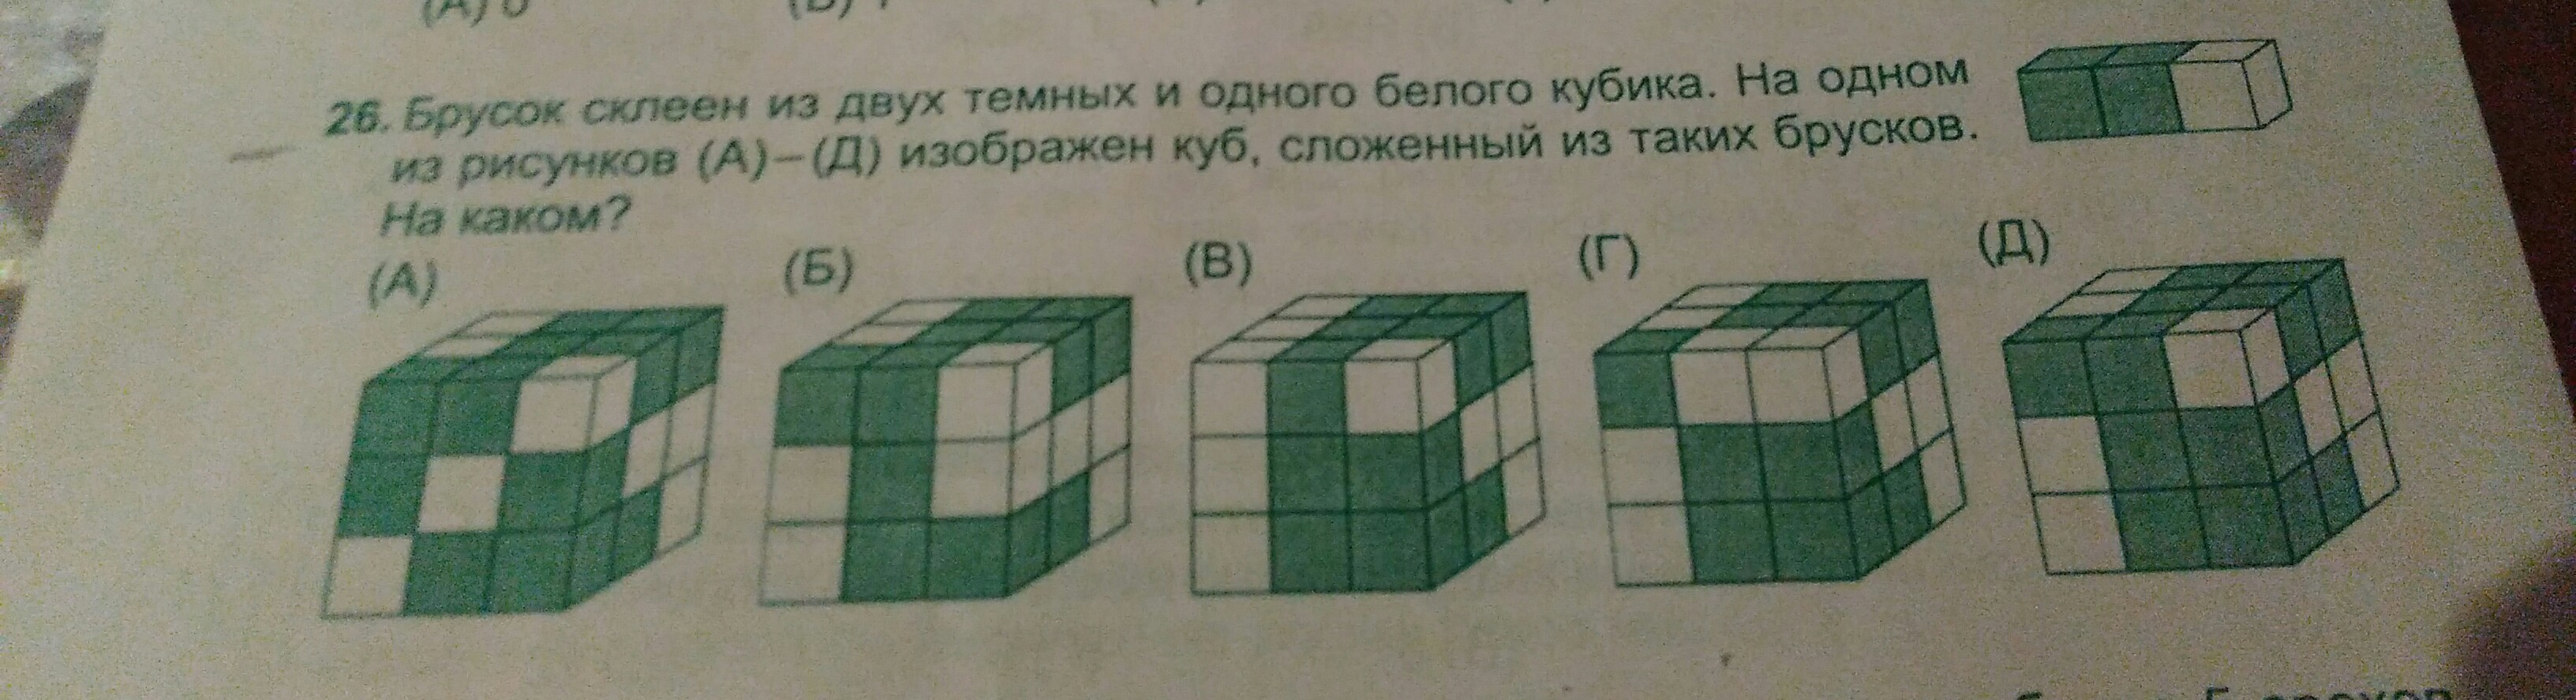 На одном из рисунков изображен куб